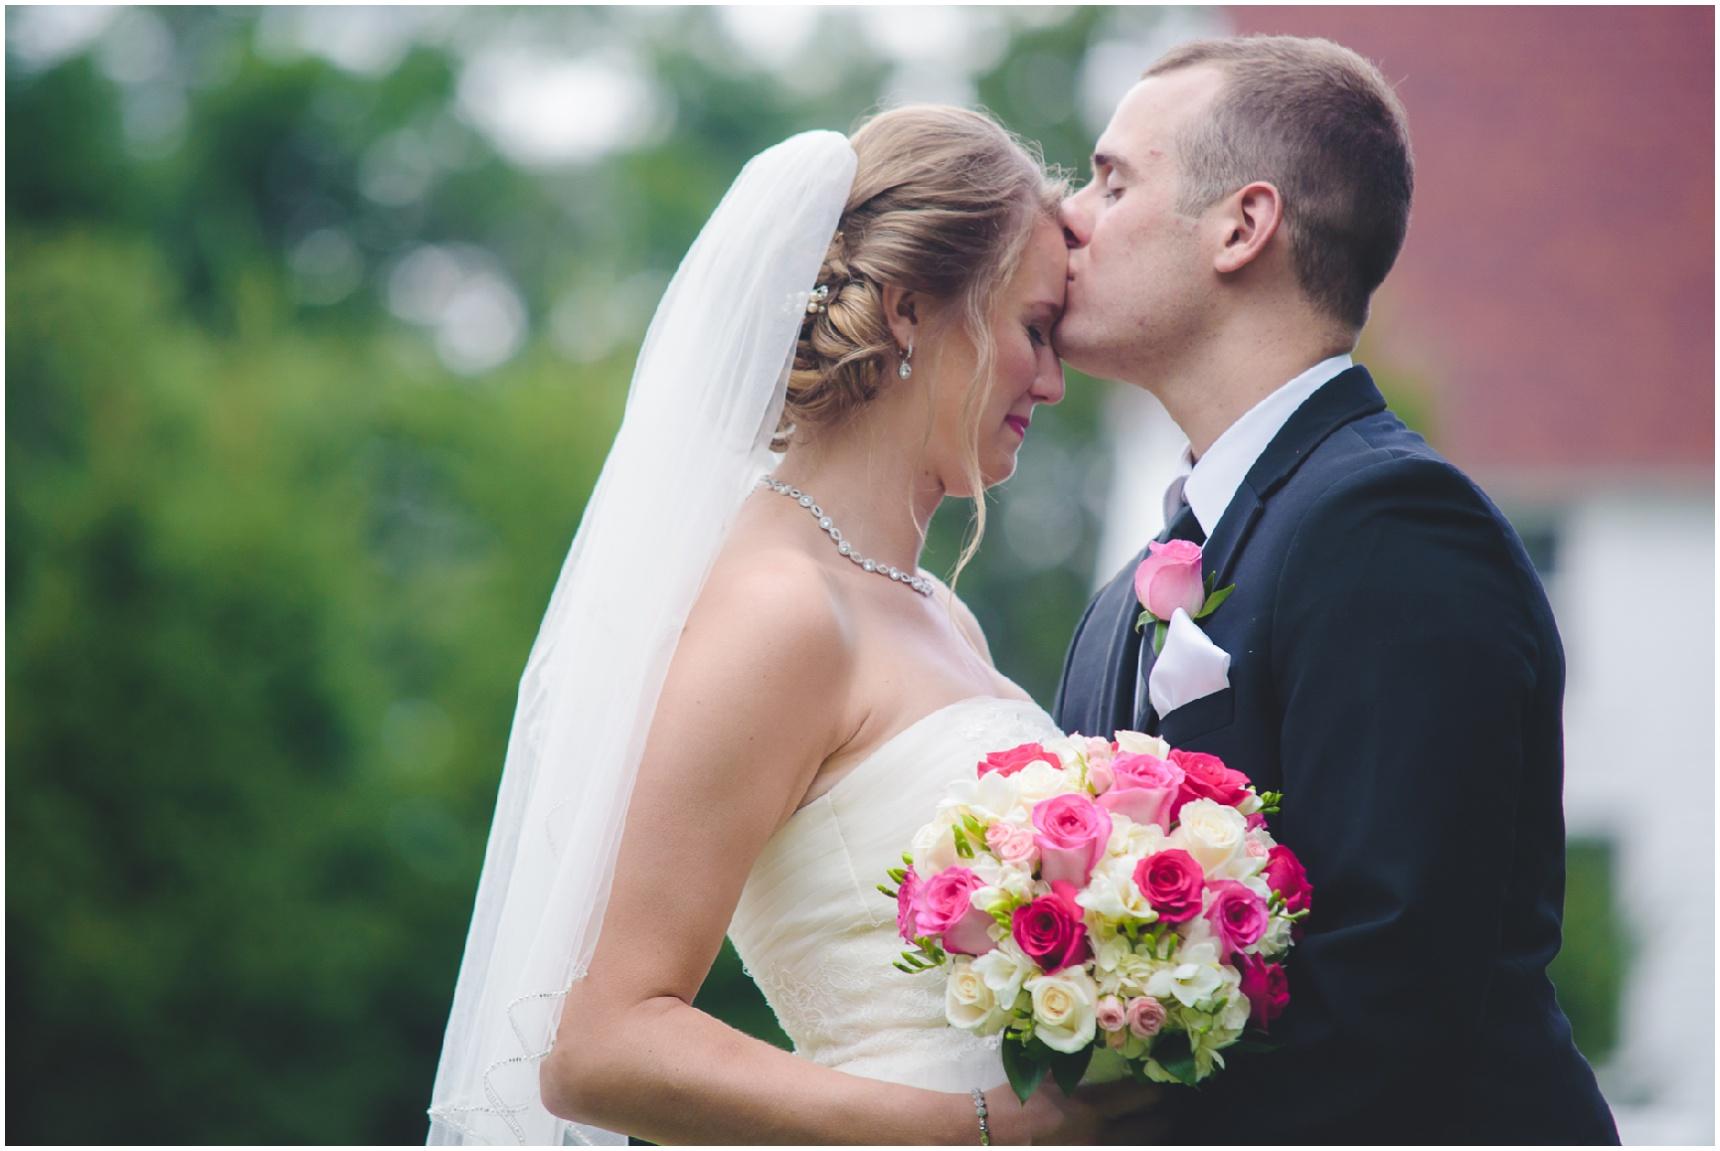 Buffalo-Avanti-Wedding-Photographer_036.jpg